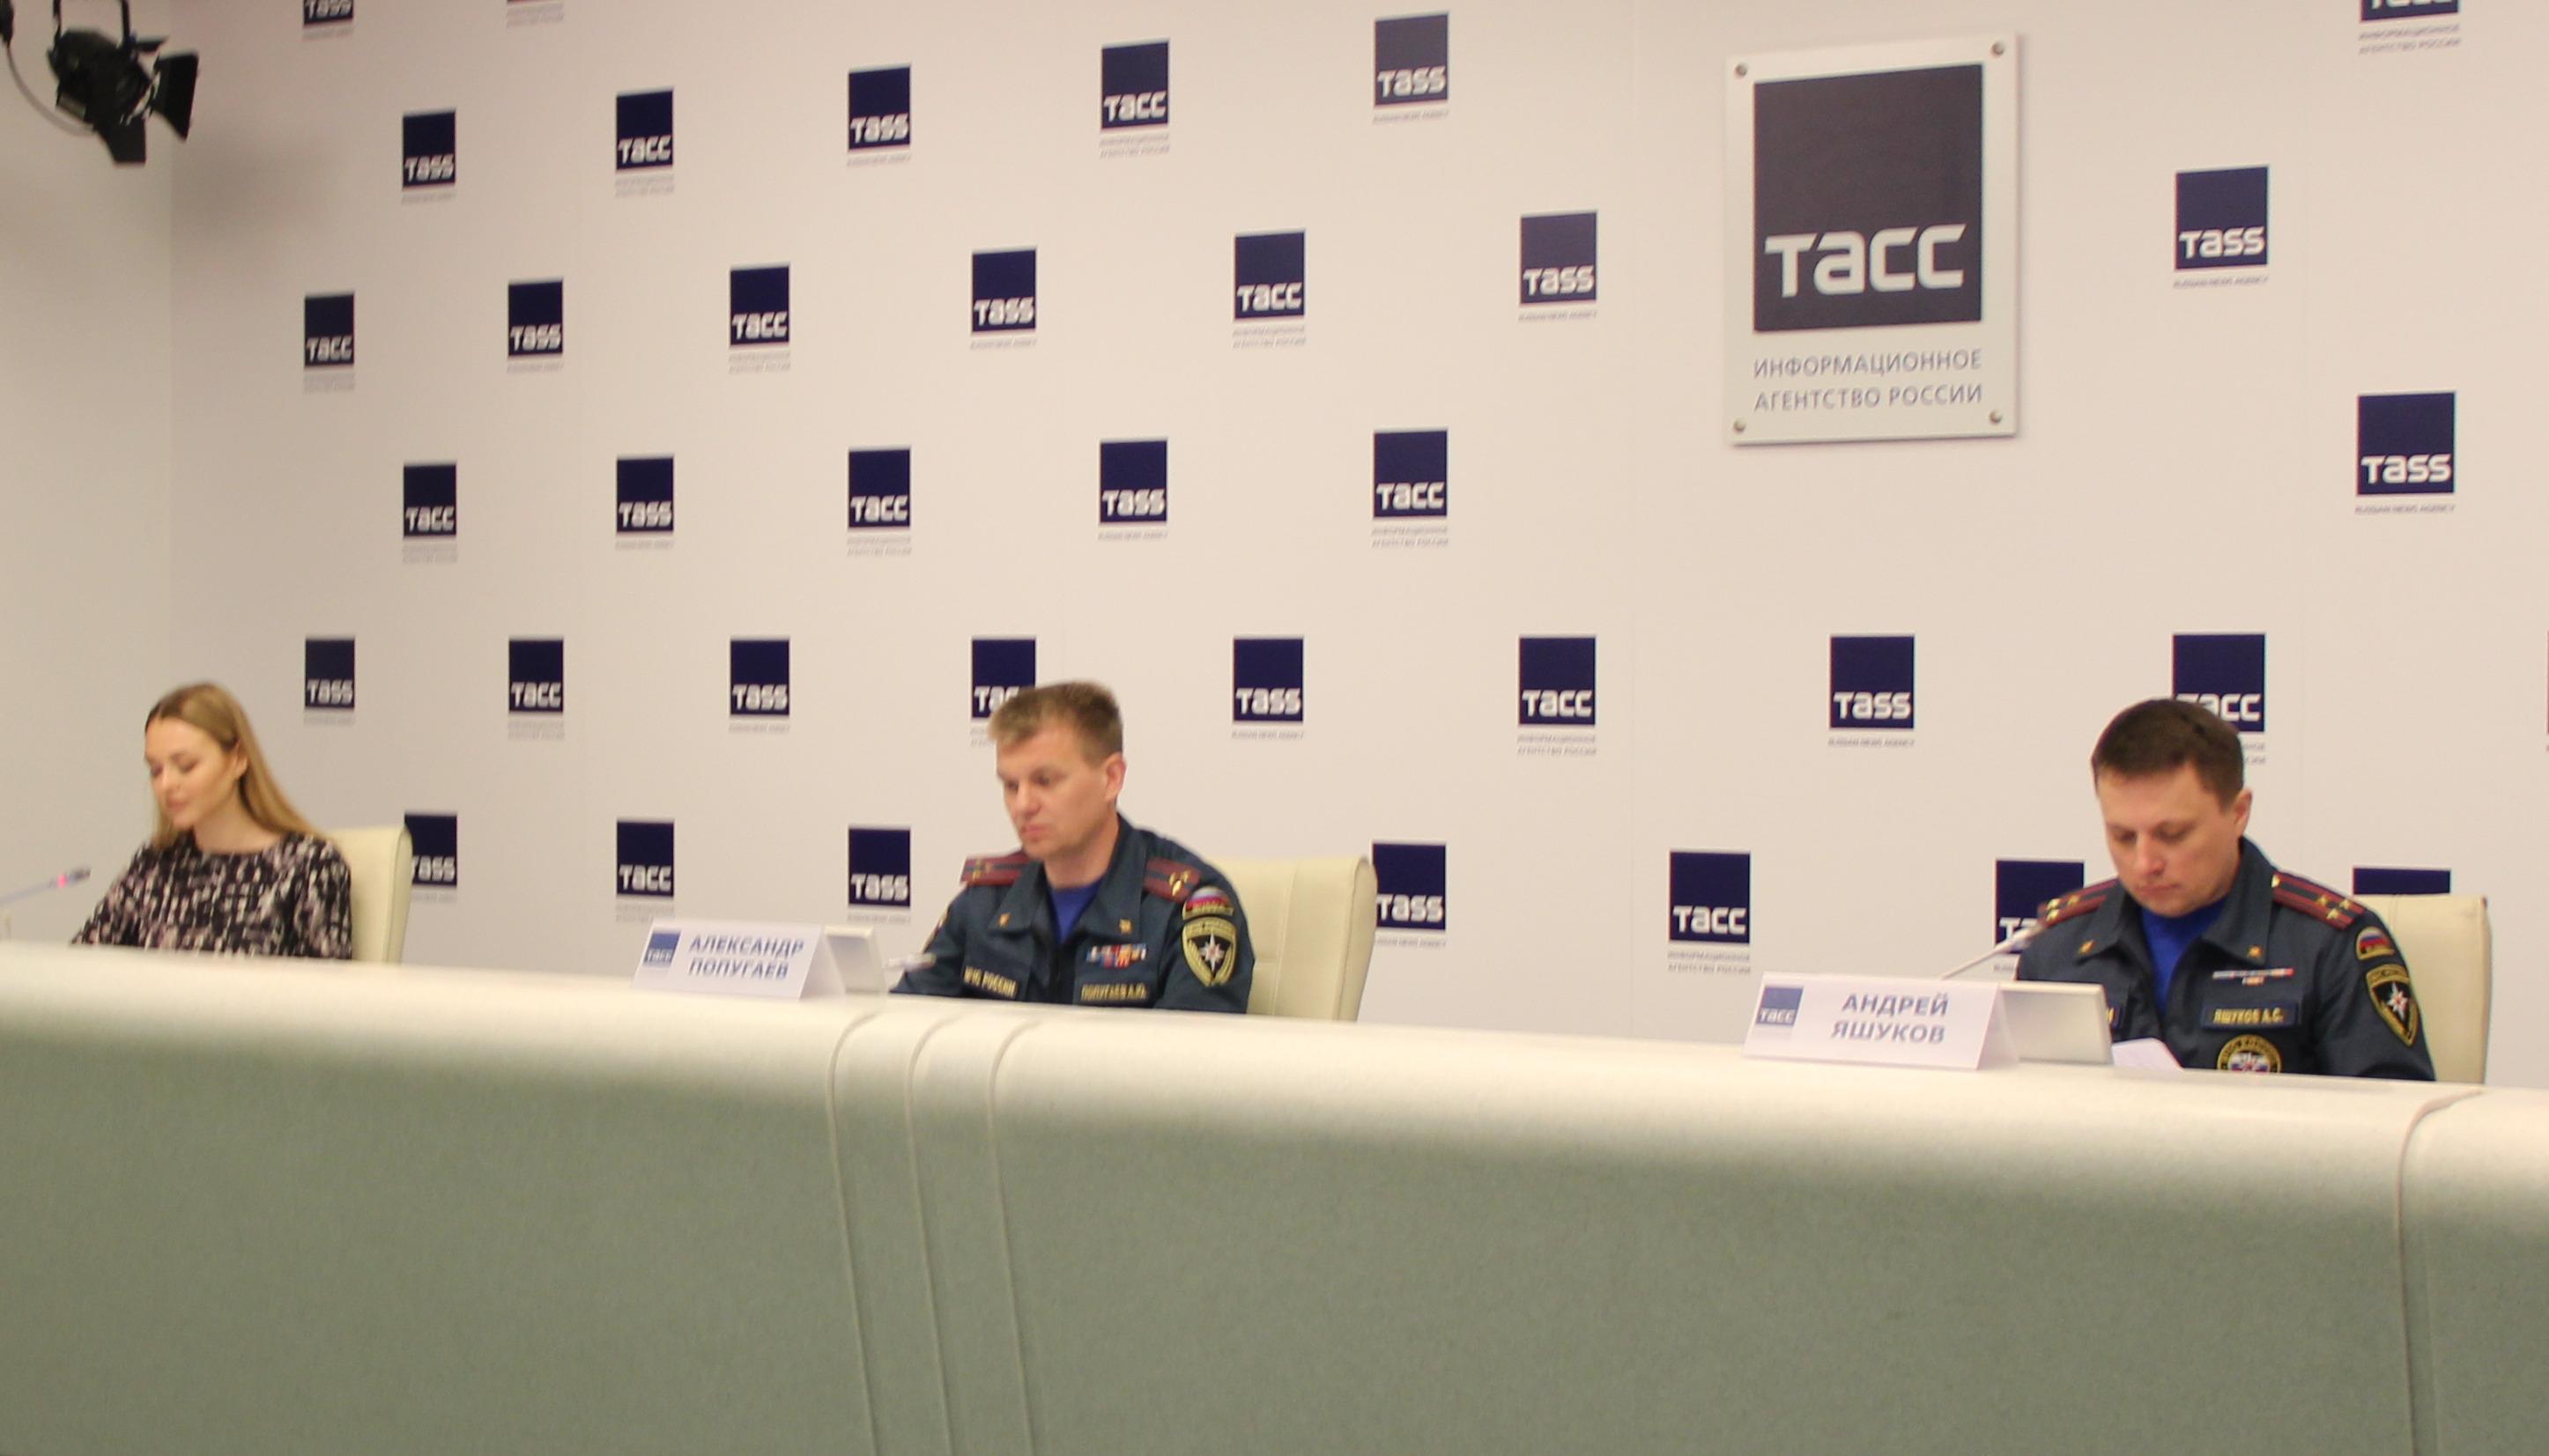 В ТАСС Северо-Запад прошла пресс-конференция, посвященная наступившему пожароопасному сезону в Ленинградской области (ВИДЕО)